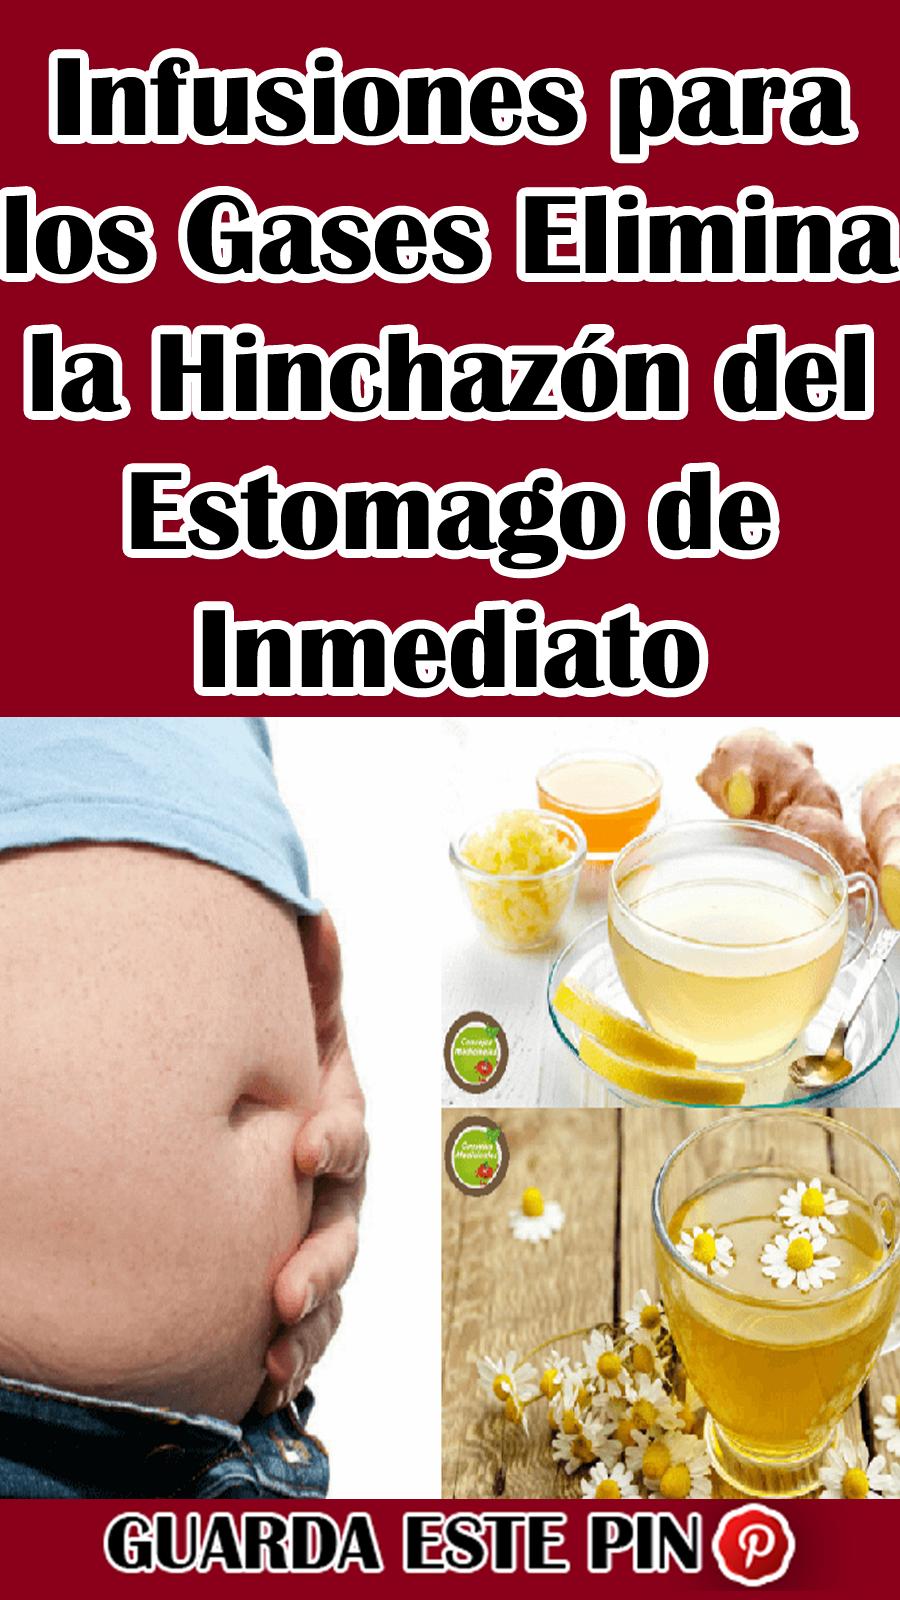 Infusiones Para Los Gases Elimina La Hinchazón Del Estomago De Inmediato En 2020 Infusiones Como Eliminar Los Gases Estómago Hinchado